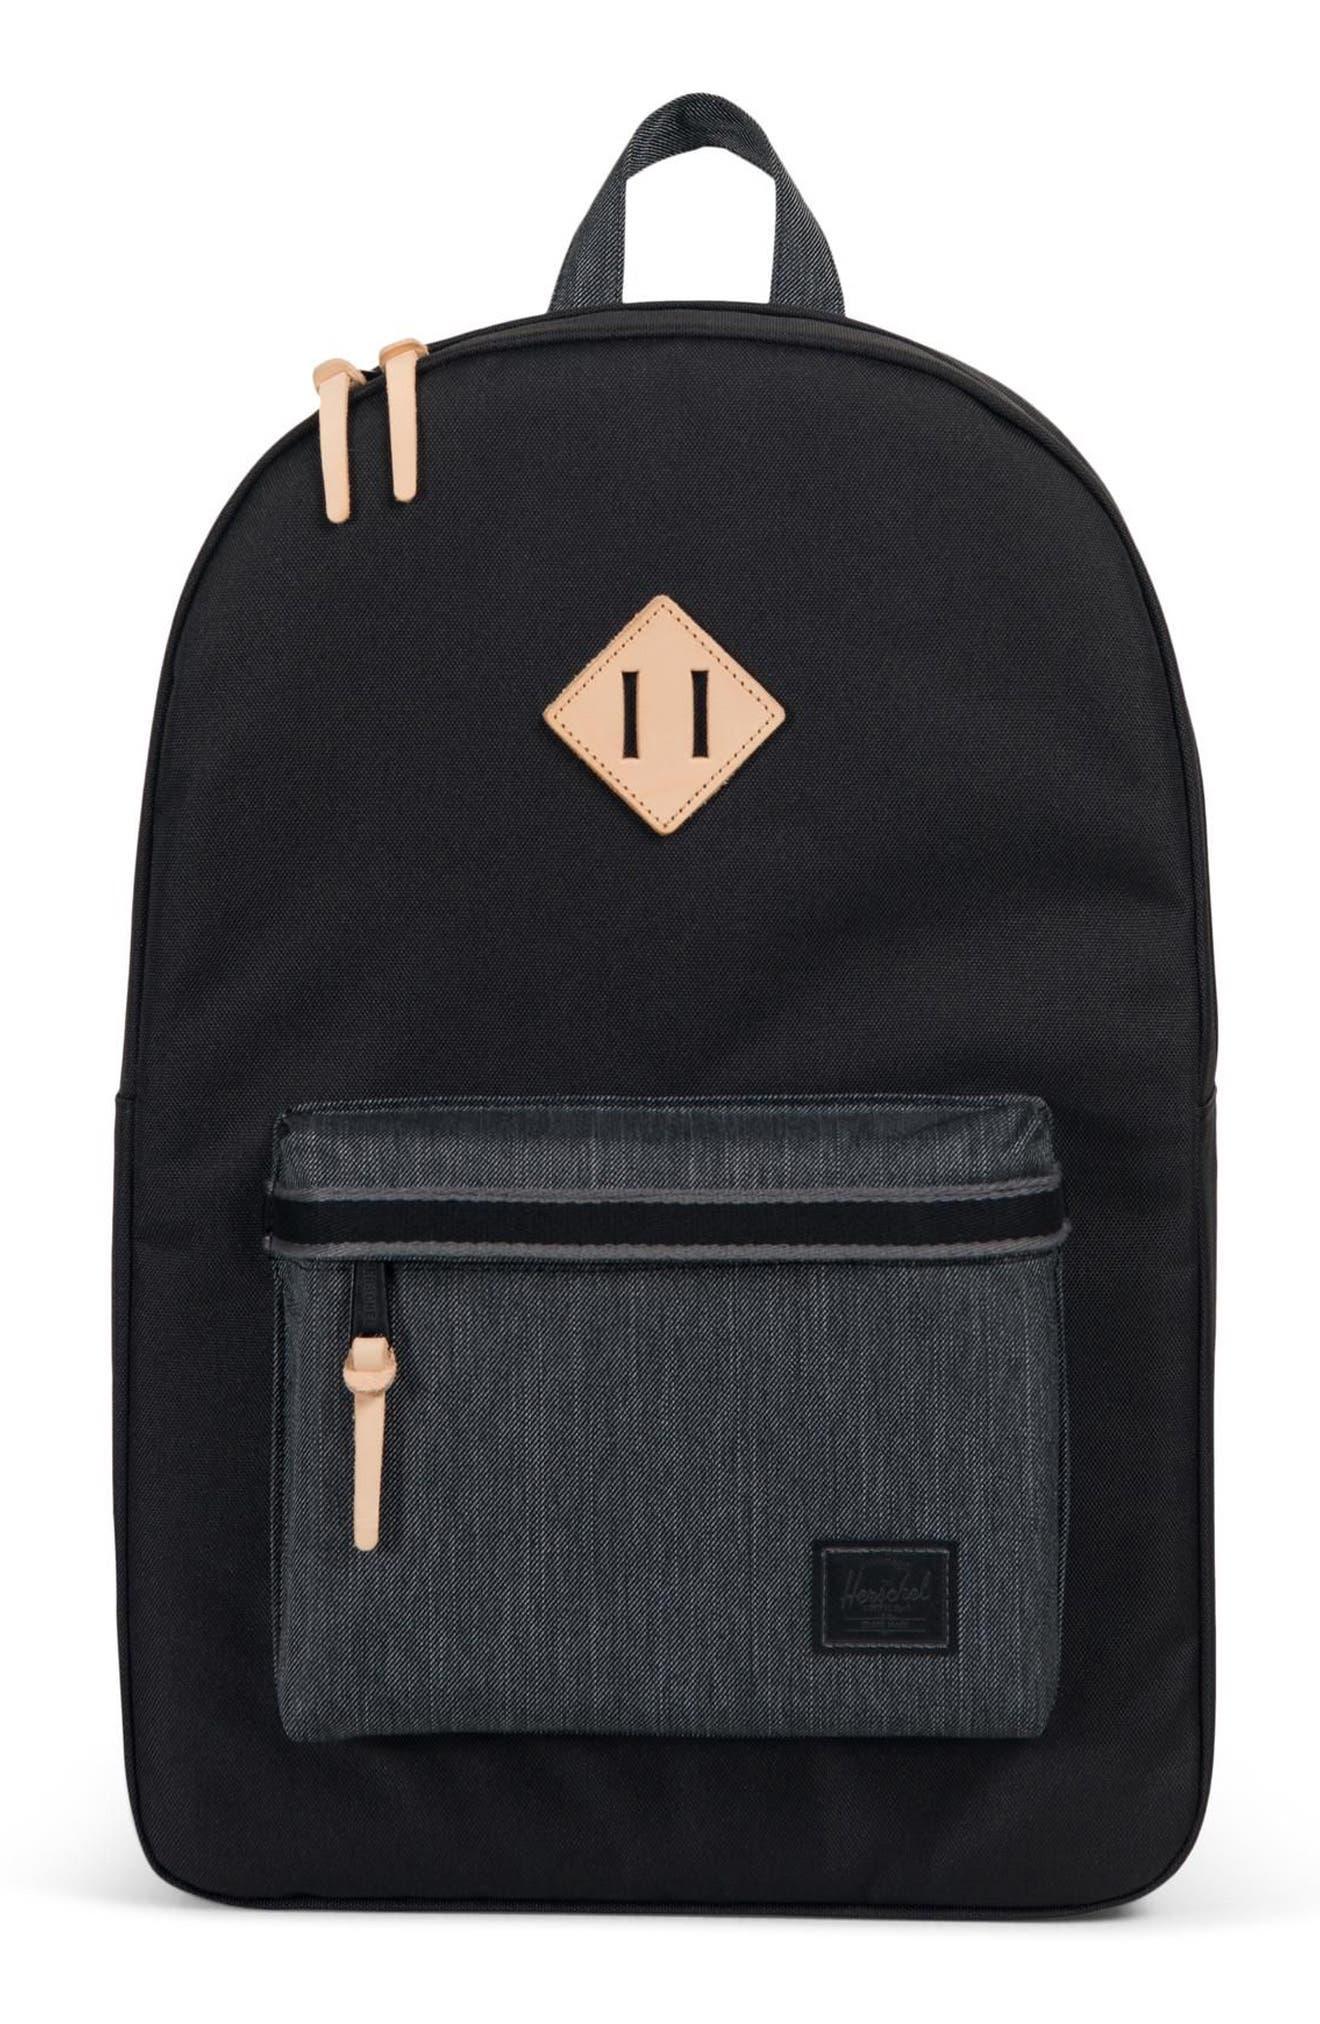 Heritage Offset Denim Backpack,                         Main,                         color, BLACK/ BLACK DENIM